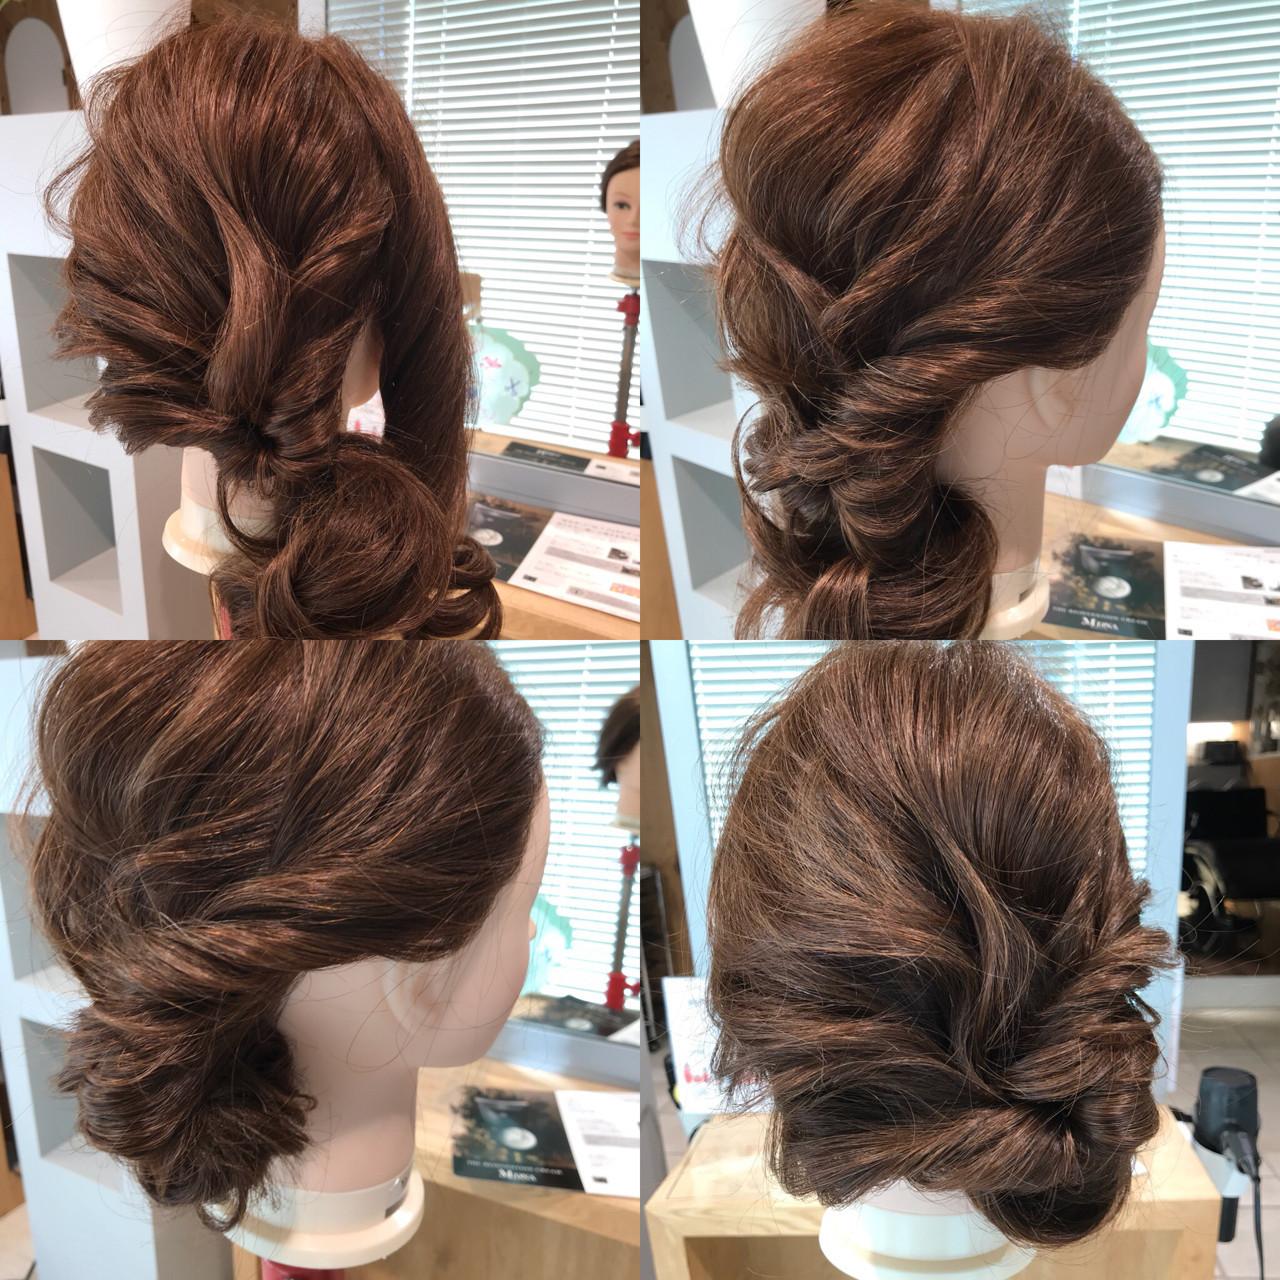 結婚式もOK!パーティにもいける華やかアレンジ YASU  hair salon M.plus ヨツバコ店 (ヘアーサロン エムプラス)